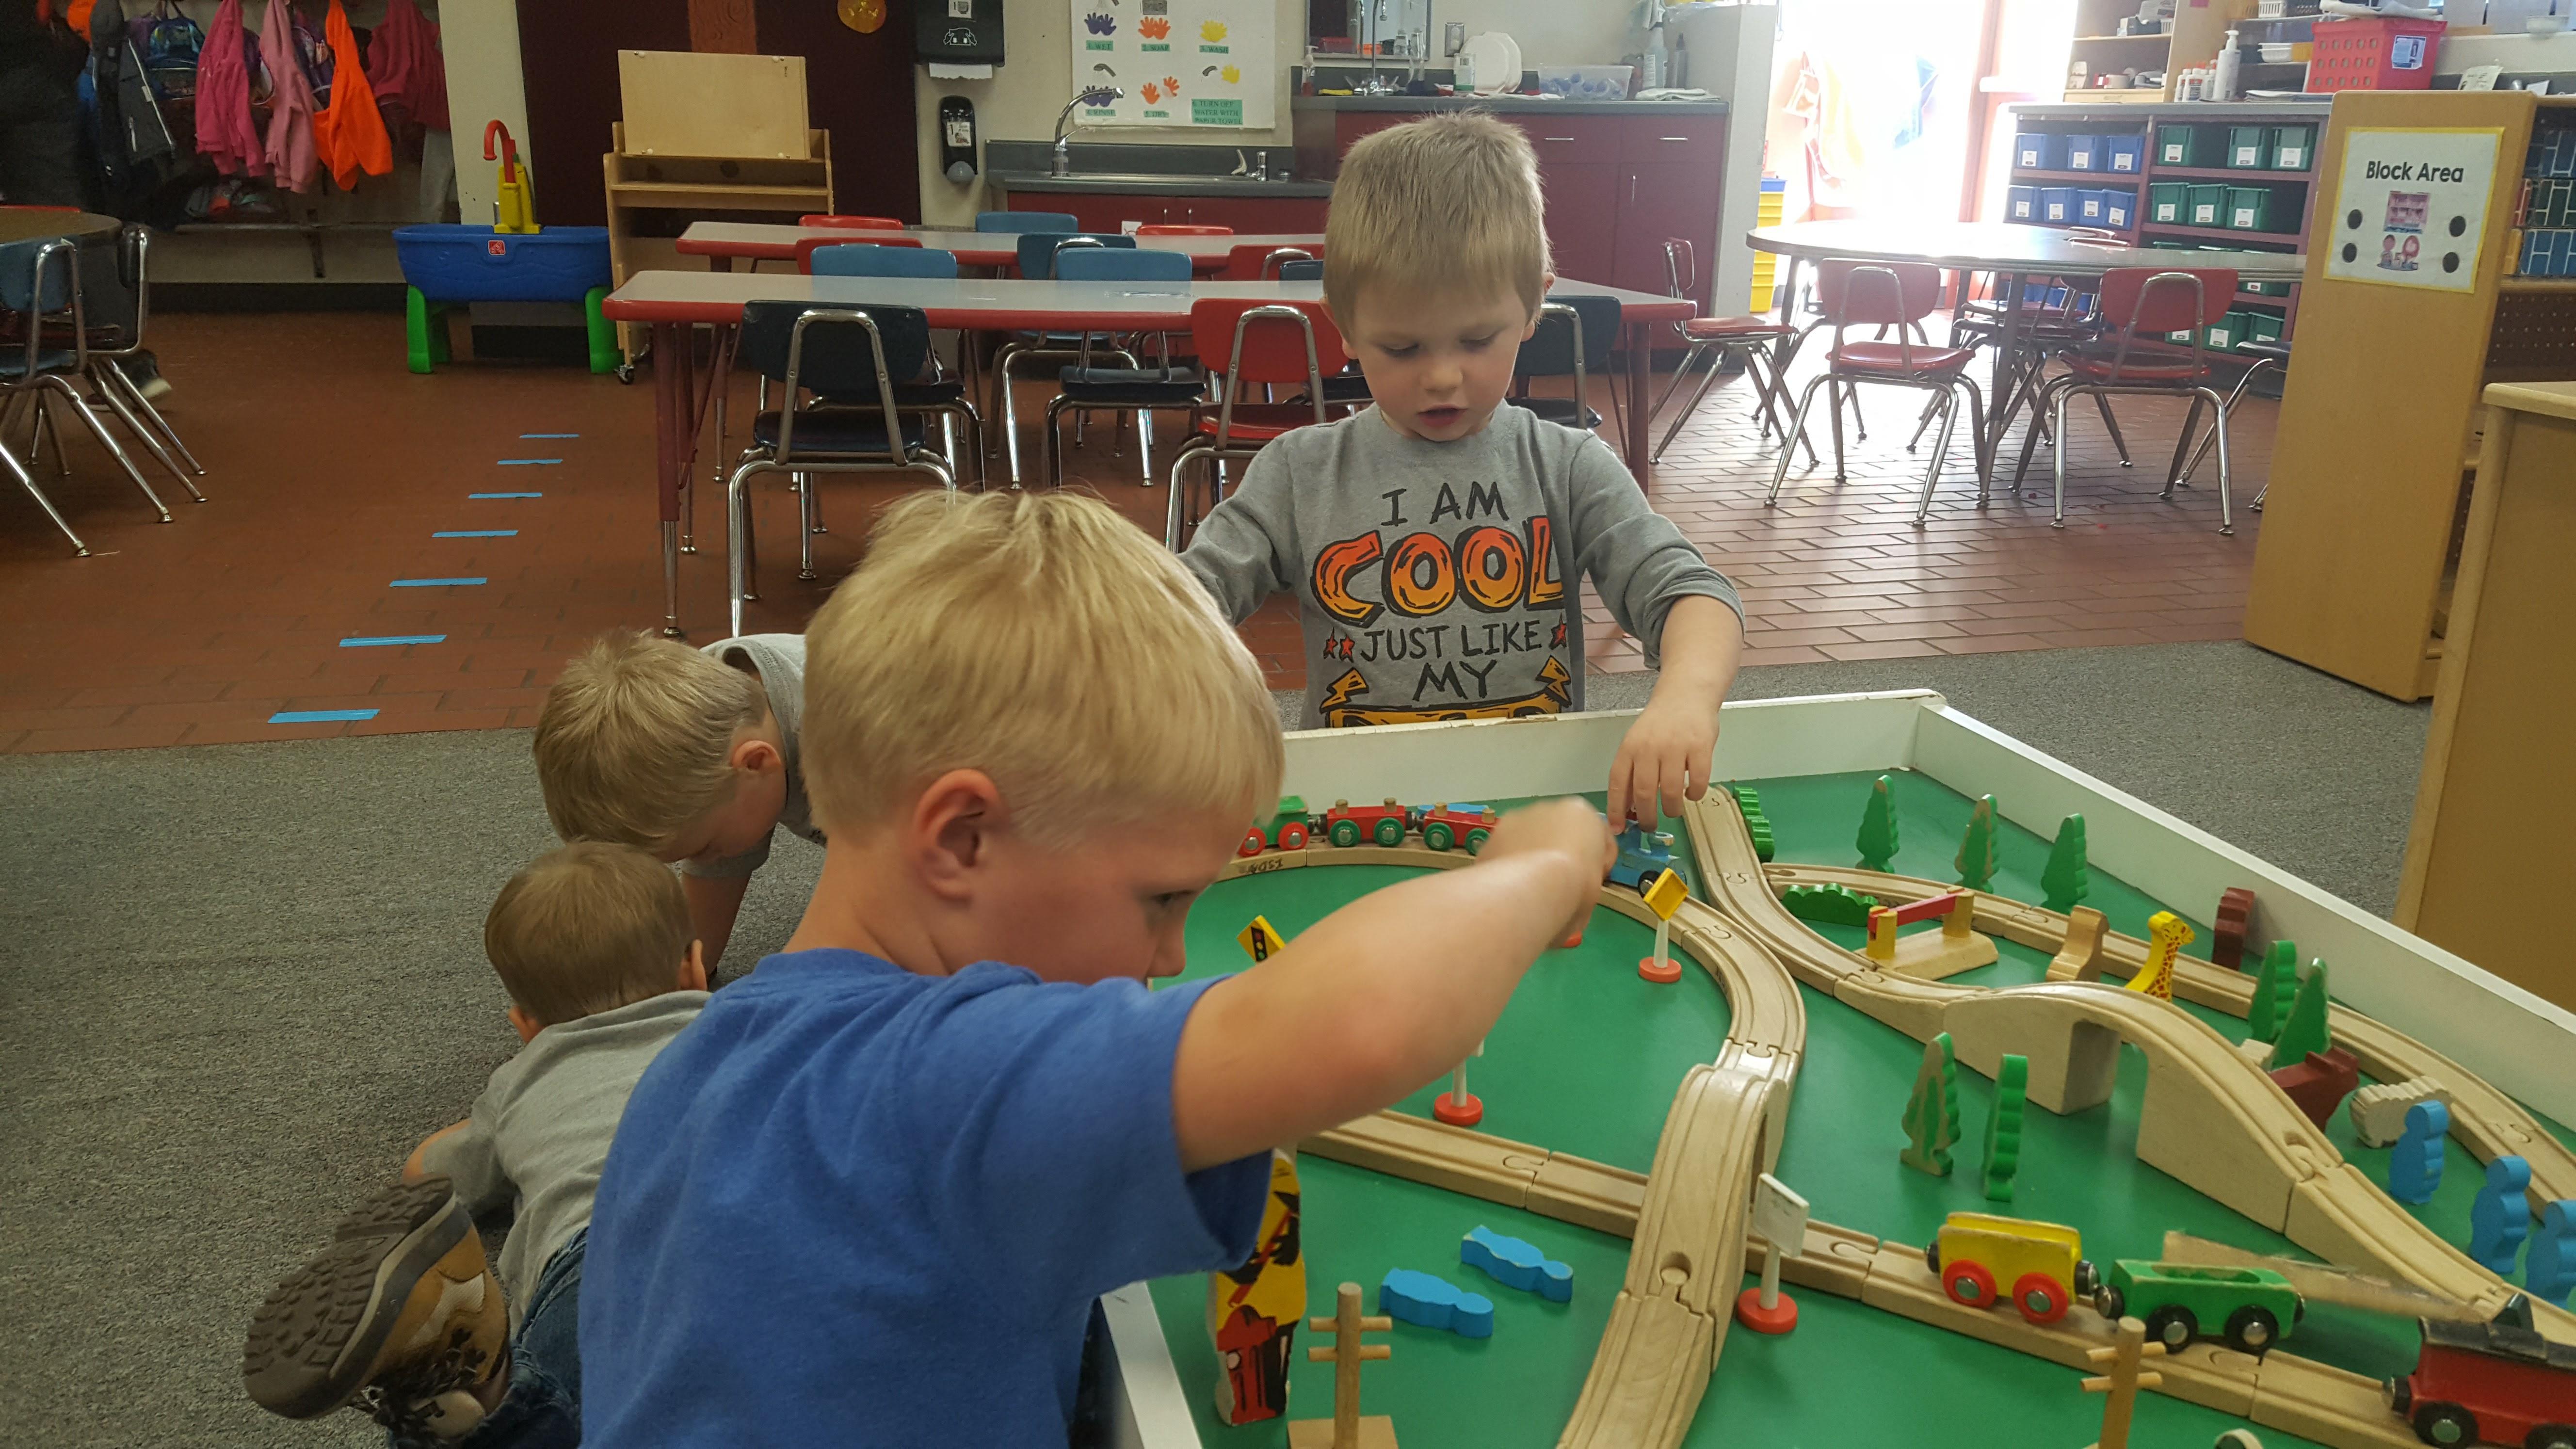 boys play on train table